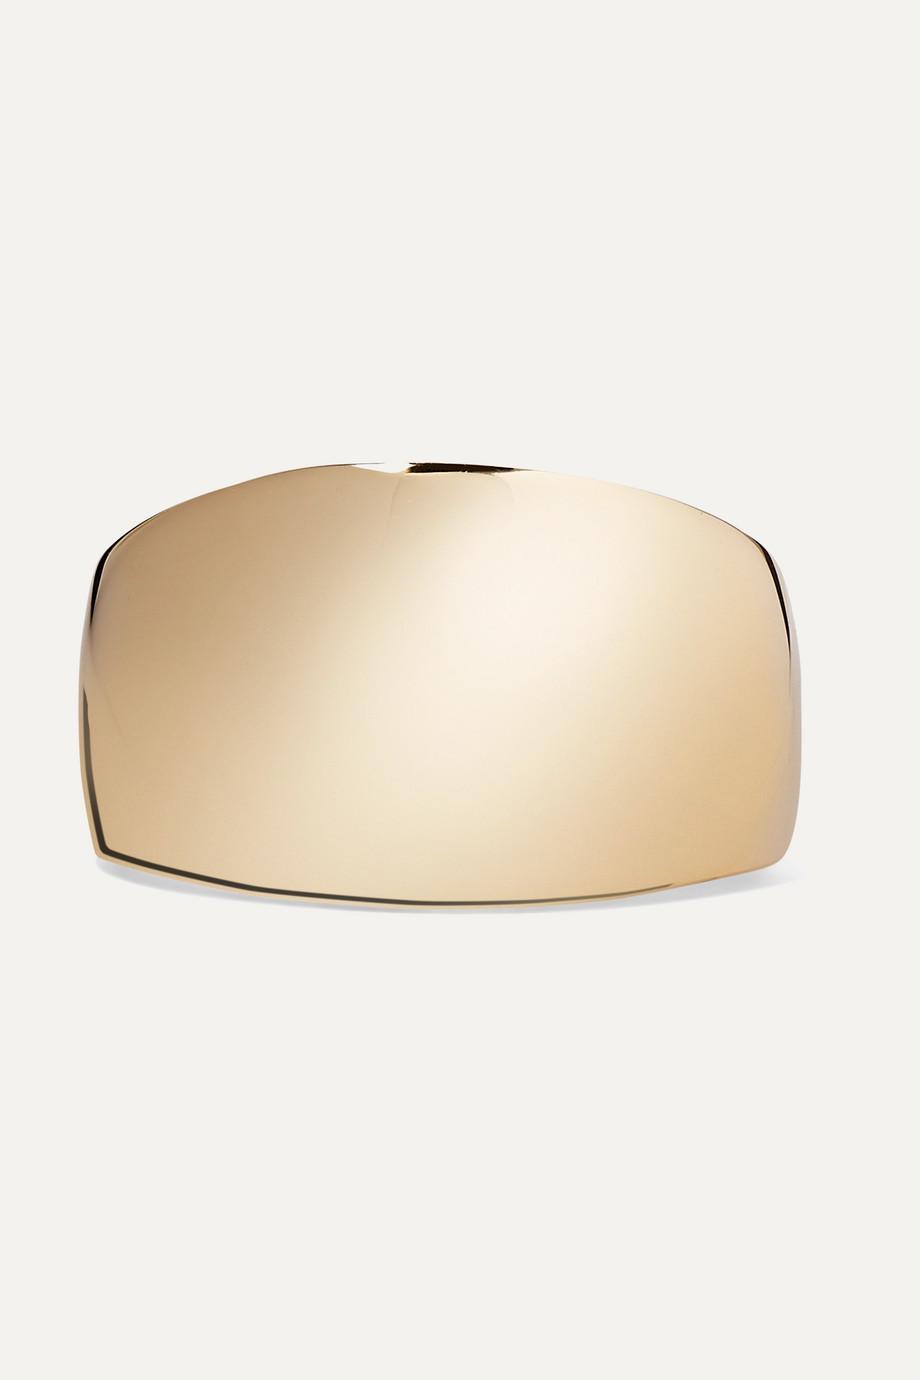 Anita Ko Galaxy 18-karat gold ear cuff